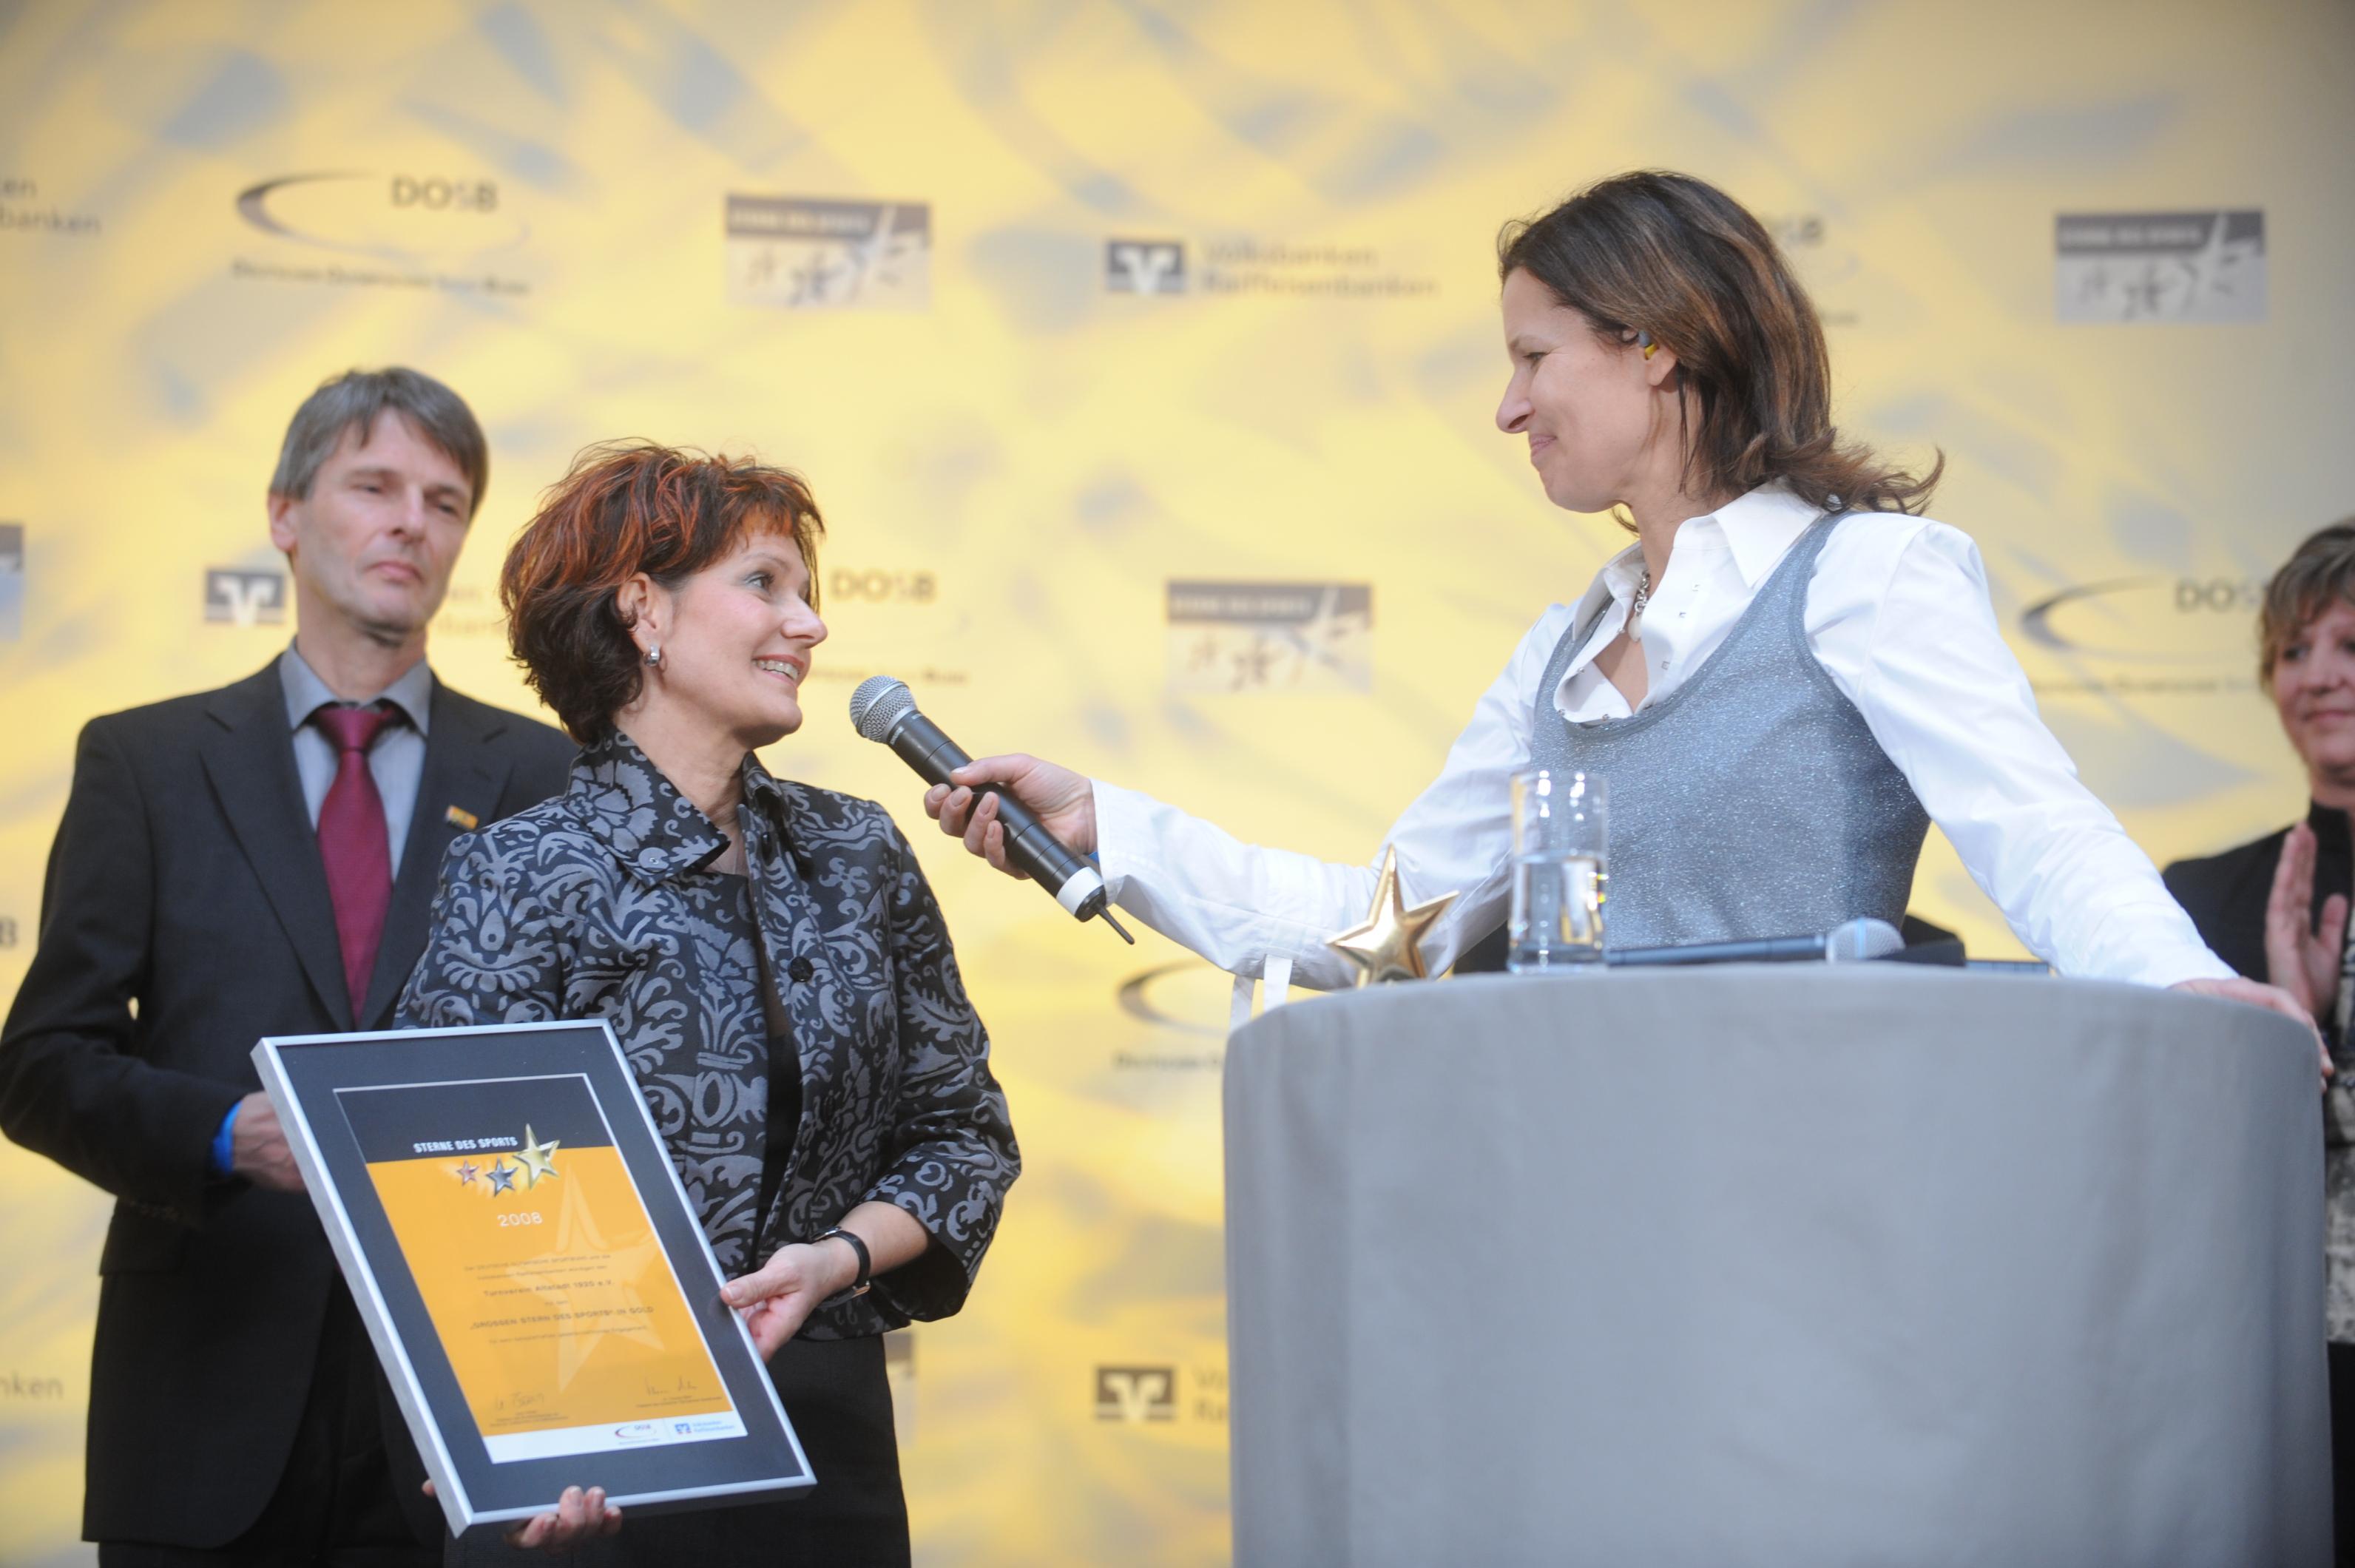 Die erste Vorsitzende des TV Altstadt Stephanie Deutscher (m.) mit DOSB-Präsident Thomas Bach (l.), Walter Merz von der Volksbank Saarpfalz und Moderatorin Katrin Müller-Hohenstein (r.).